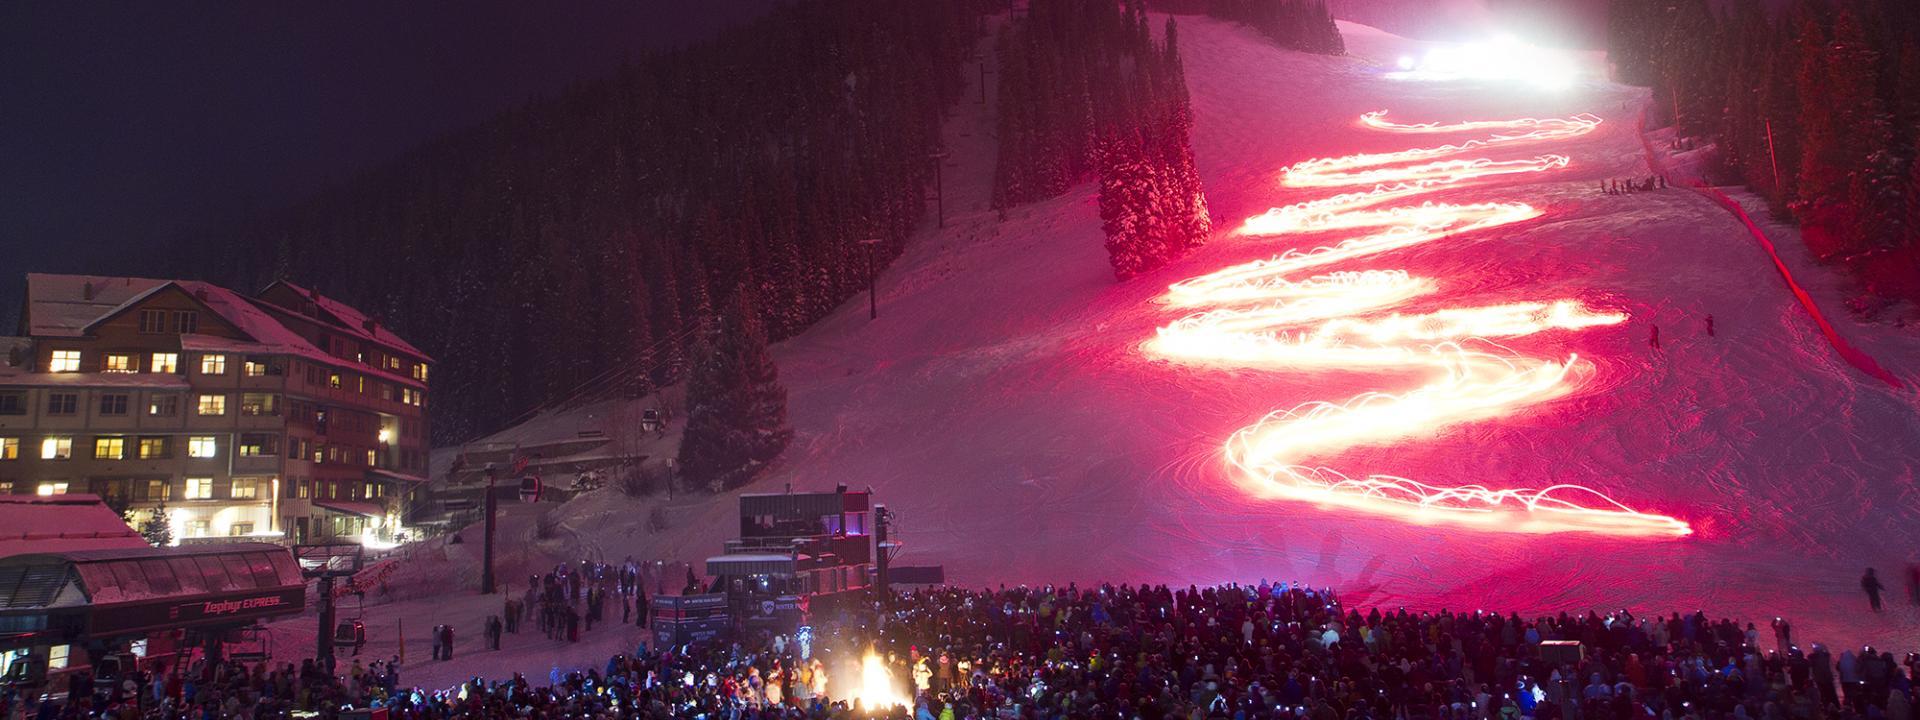 Torchlight Parade at Winter Park Resort in Colorado